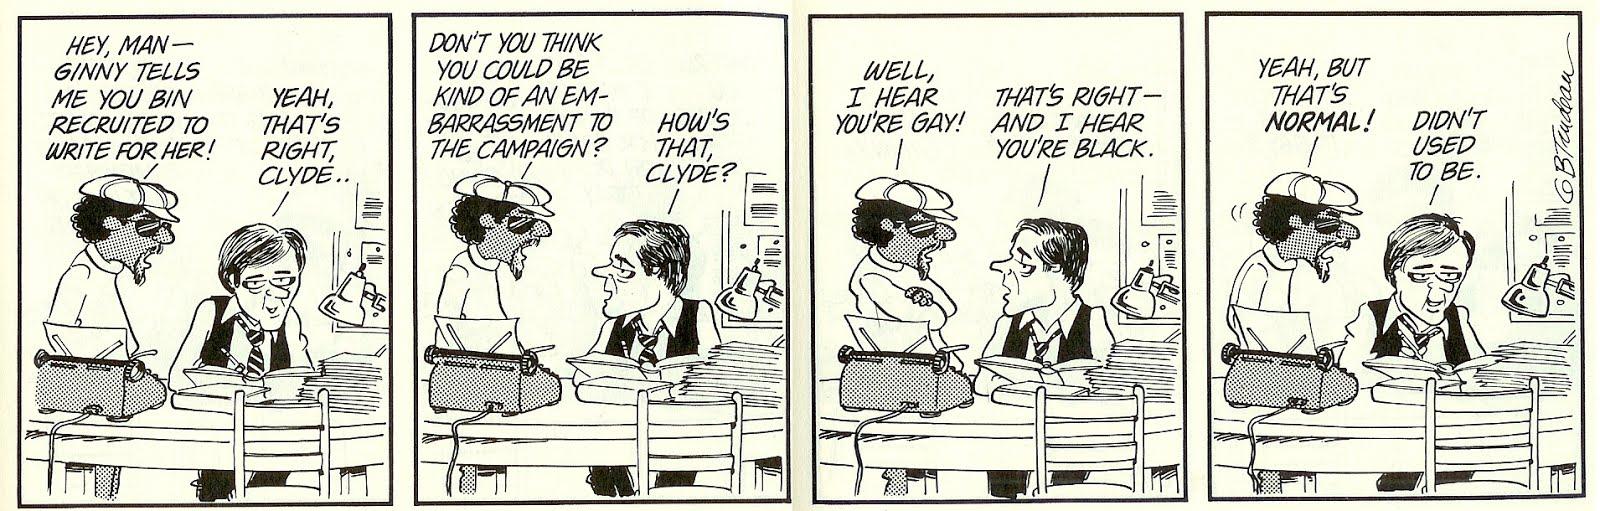 Civil right comic strip